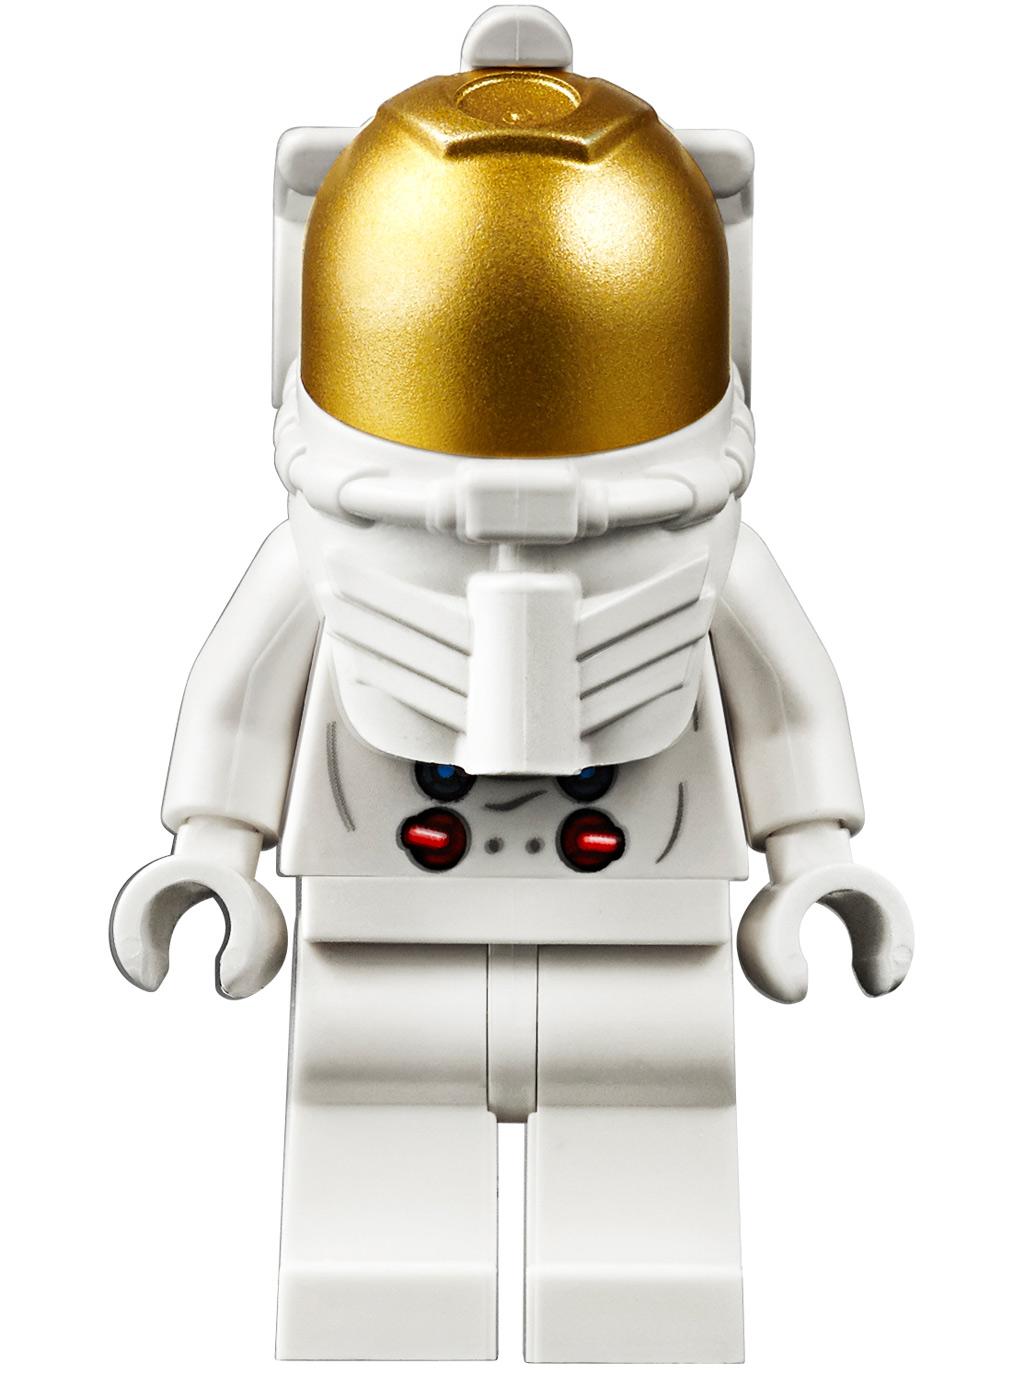 lego-creator-expert-nasa-apollo-11-lunar-lander-10266-mondlandefaehre-2019-astronaut zusammengebaut.com